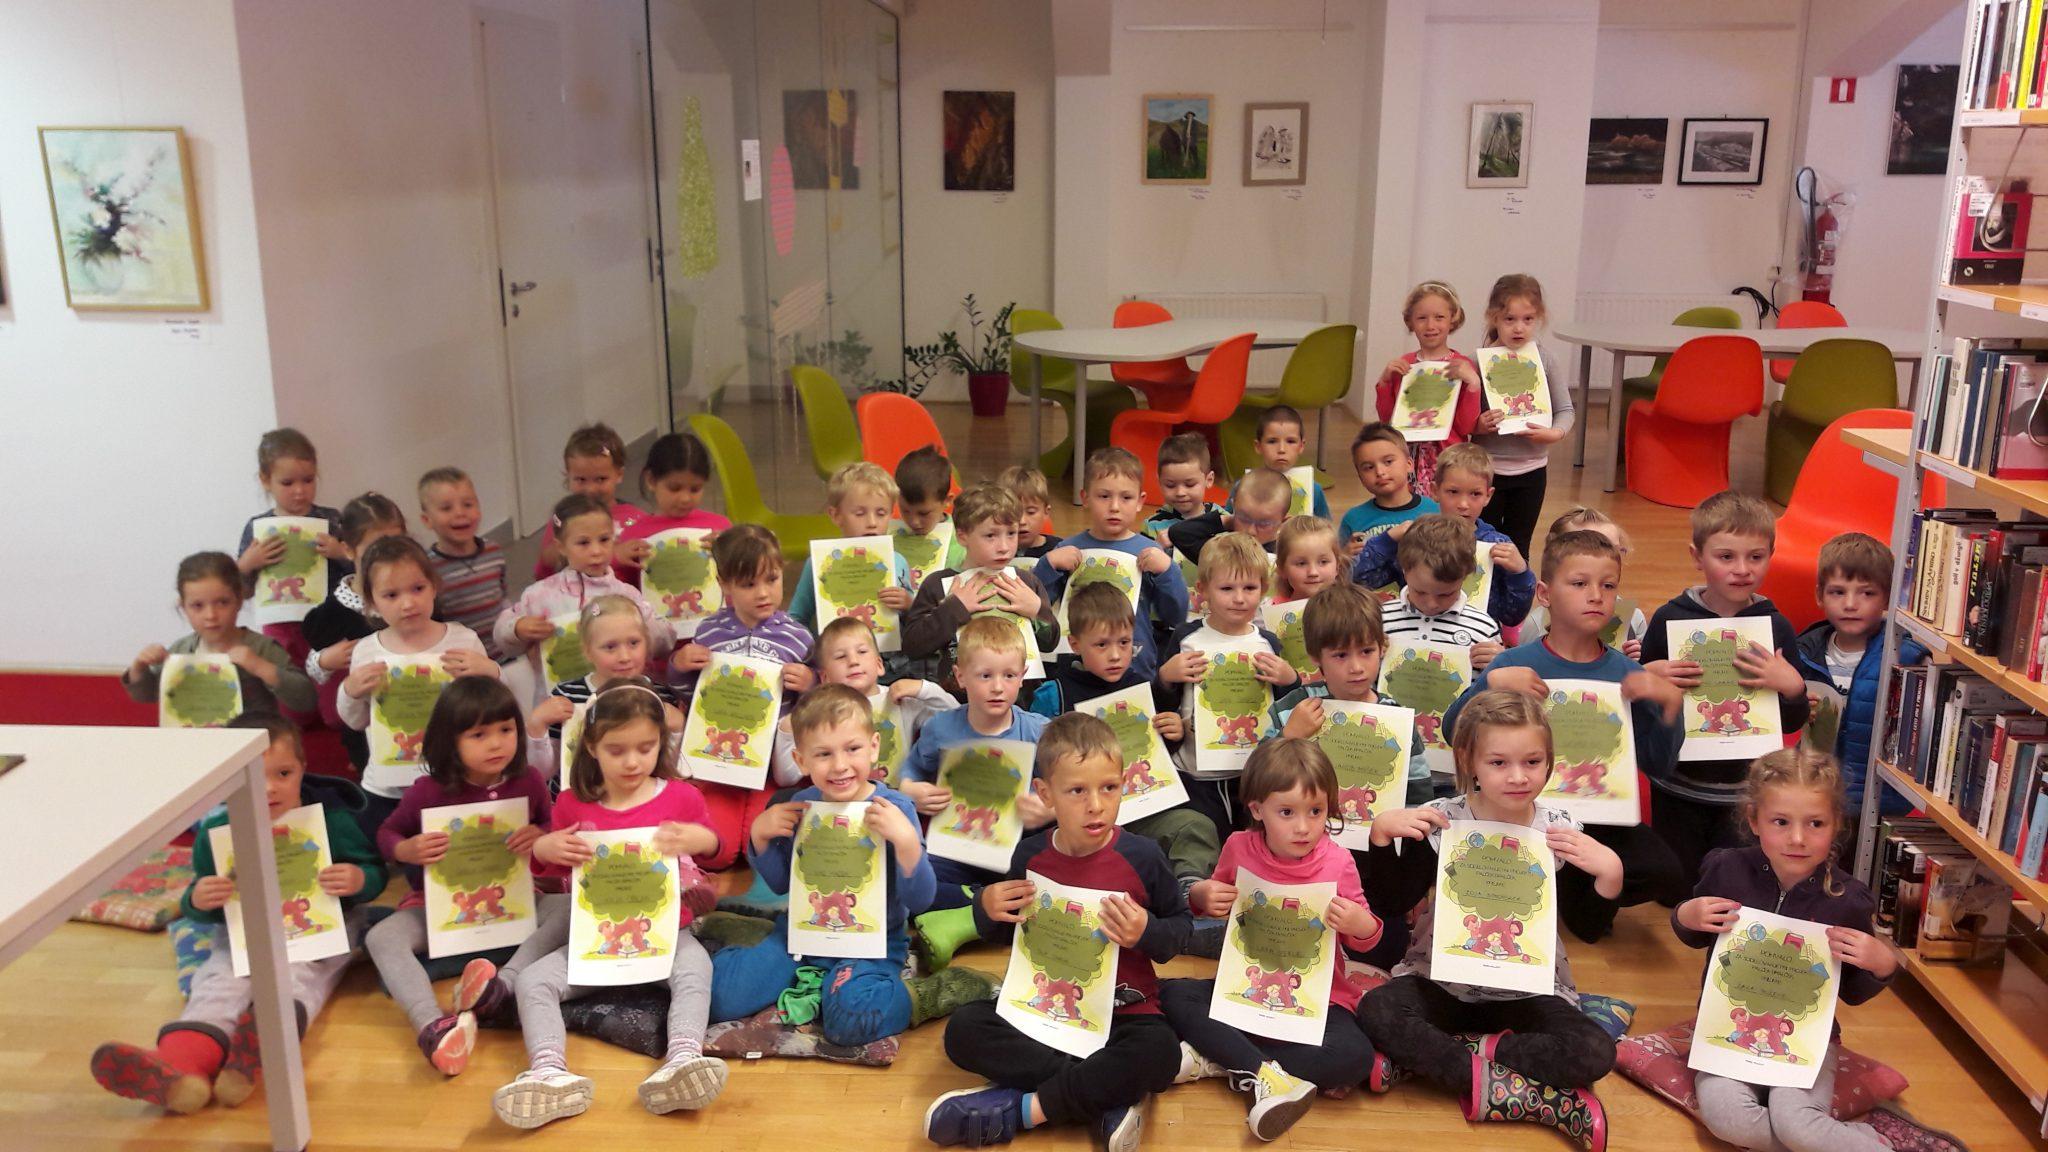 20170511 102801 - Rakovško knjižnico obiskale Čebelice in Miške iz vrtca Rakek